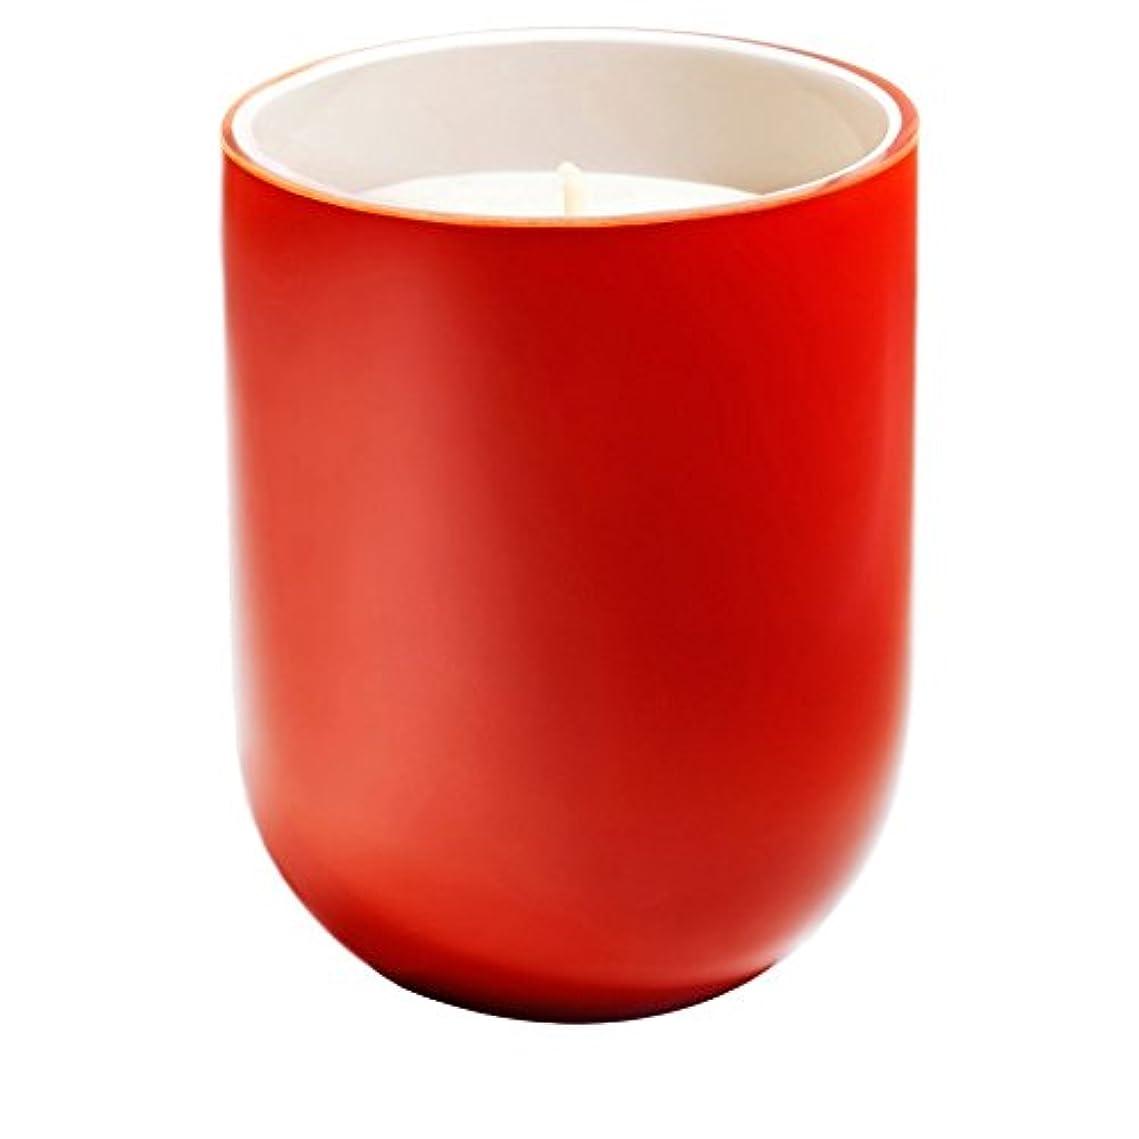 社会主義役に立たない繊維フレデリック?マルロシアの夜香りのキャンドル x6 - Frederic Malle Russian Night Scented Candle (Pack of 6) [並行輸入品]